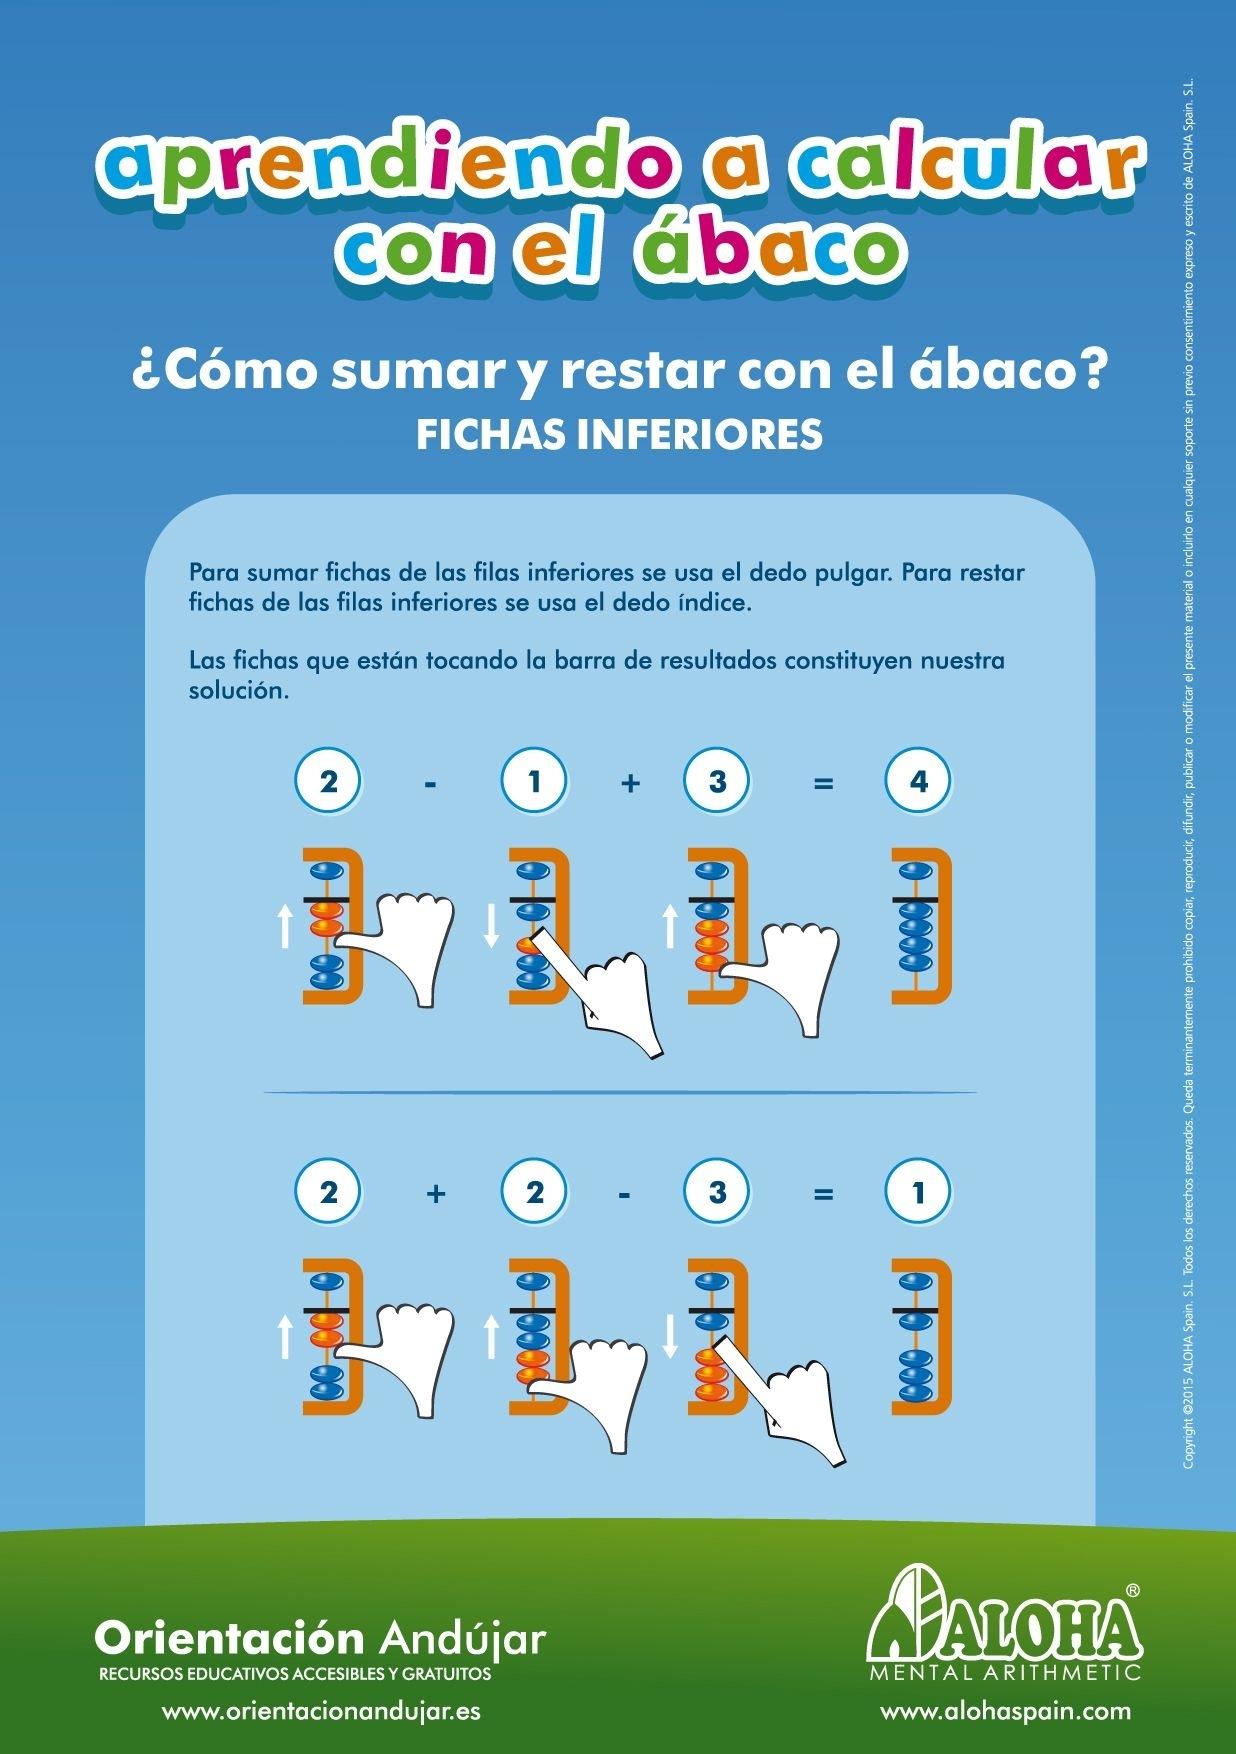 Aprendiendo A Calcular Con El Ábaco Como Sumar Y Restar Con El Ábaco for Operaciones Con El Abaco Suma